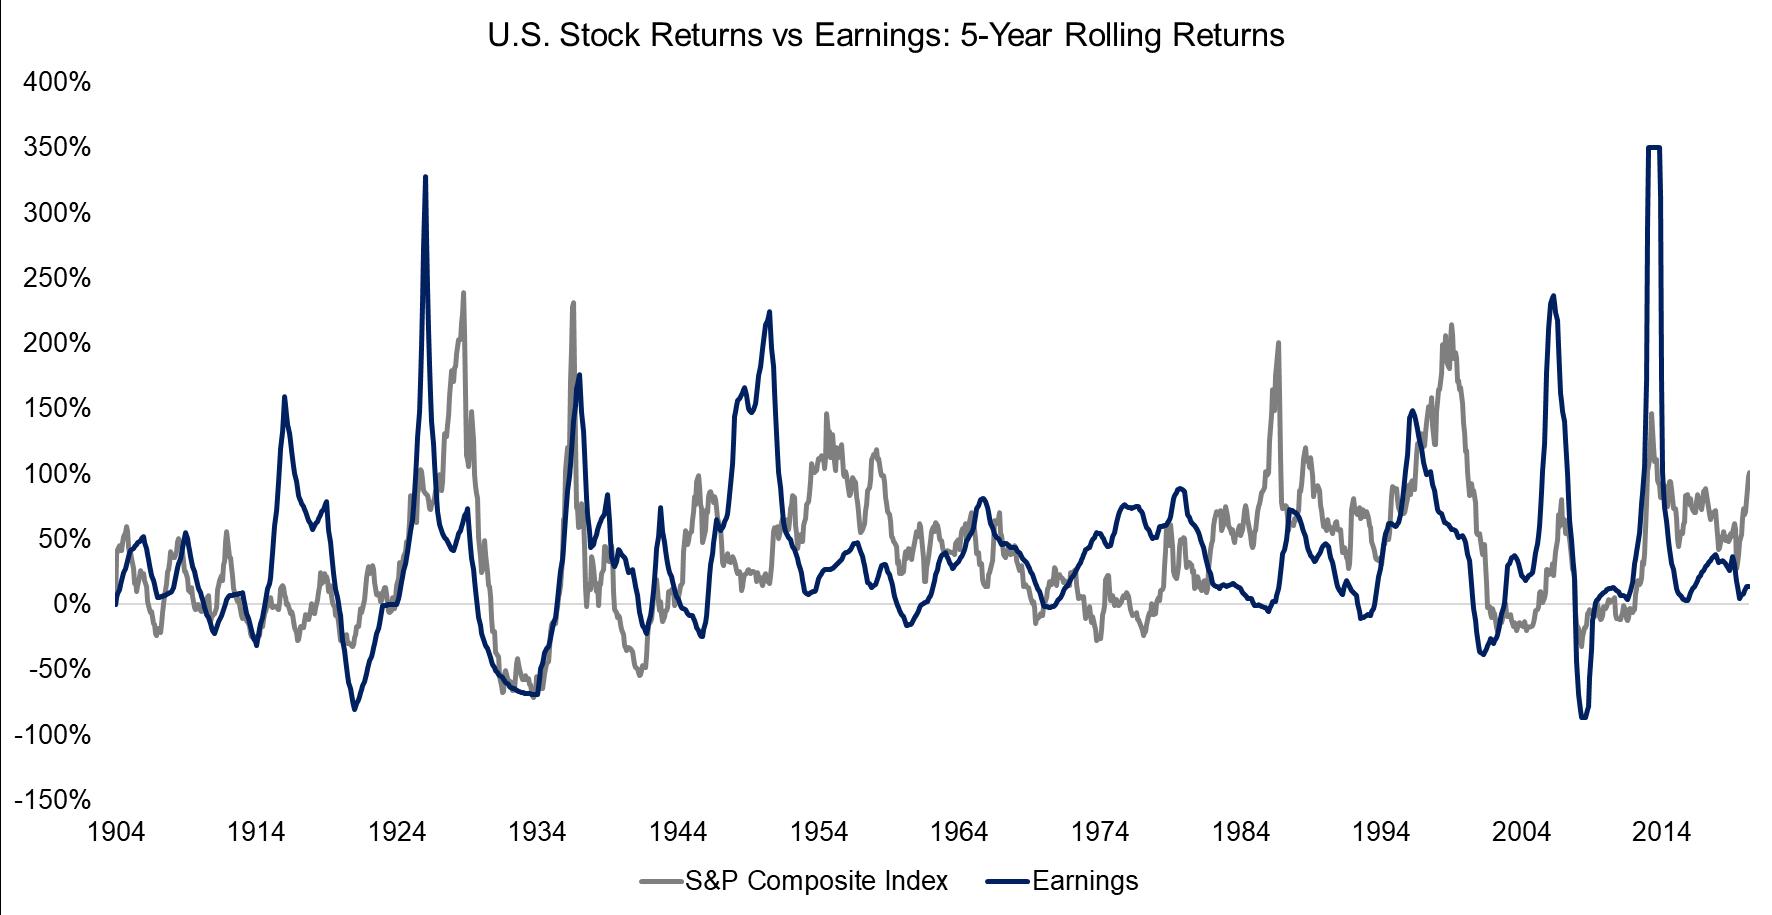 S&P 500 Returns vs Earnings 5-Year Rolling Returns